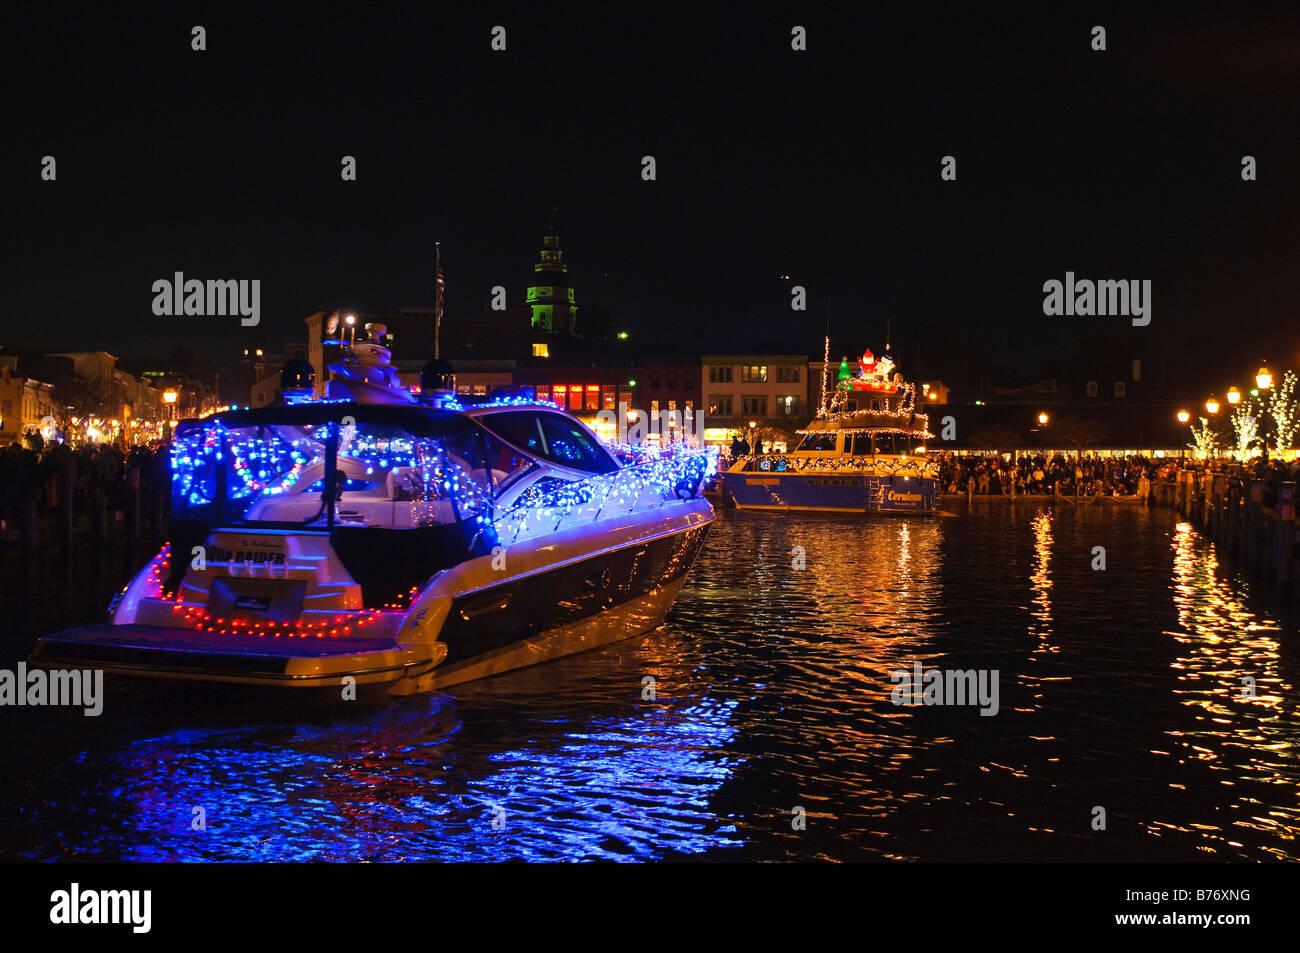 Boat Parade Lights Stockfotos & Boat Parade Lights Bilder - Alamy